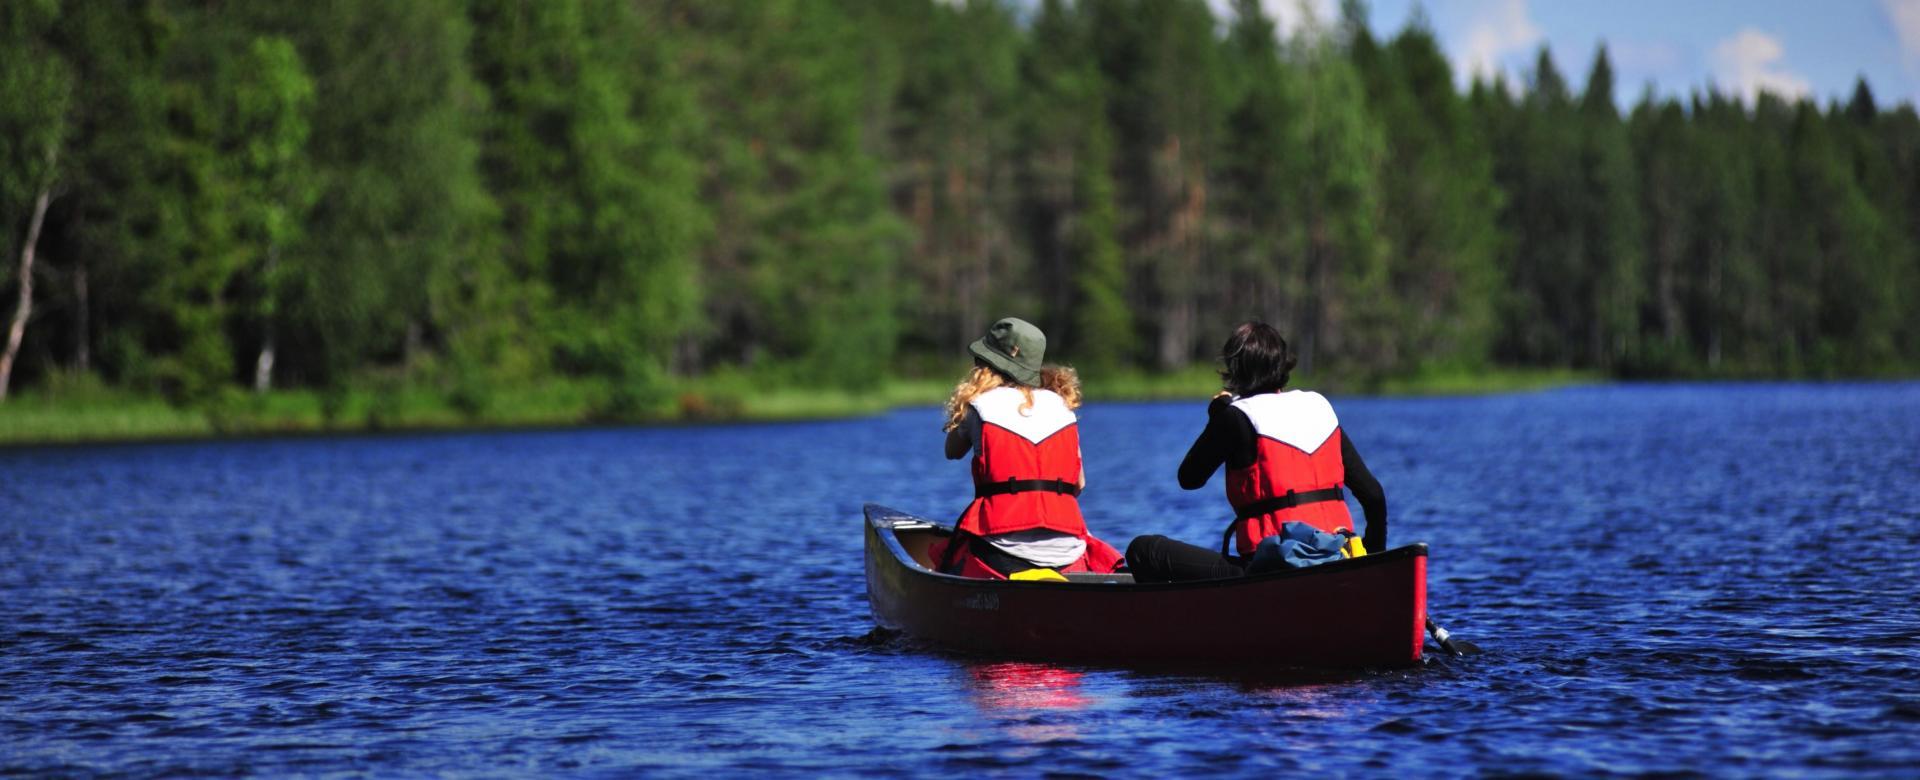 Voyage sur l'eau : Canoë, entre lacs et rivières